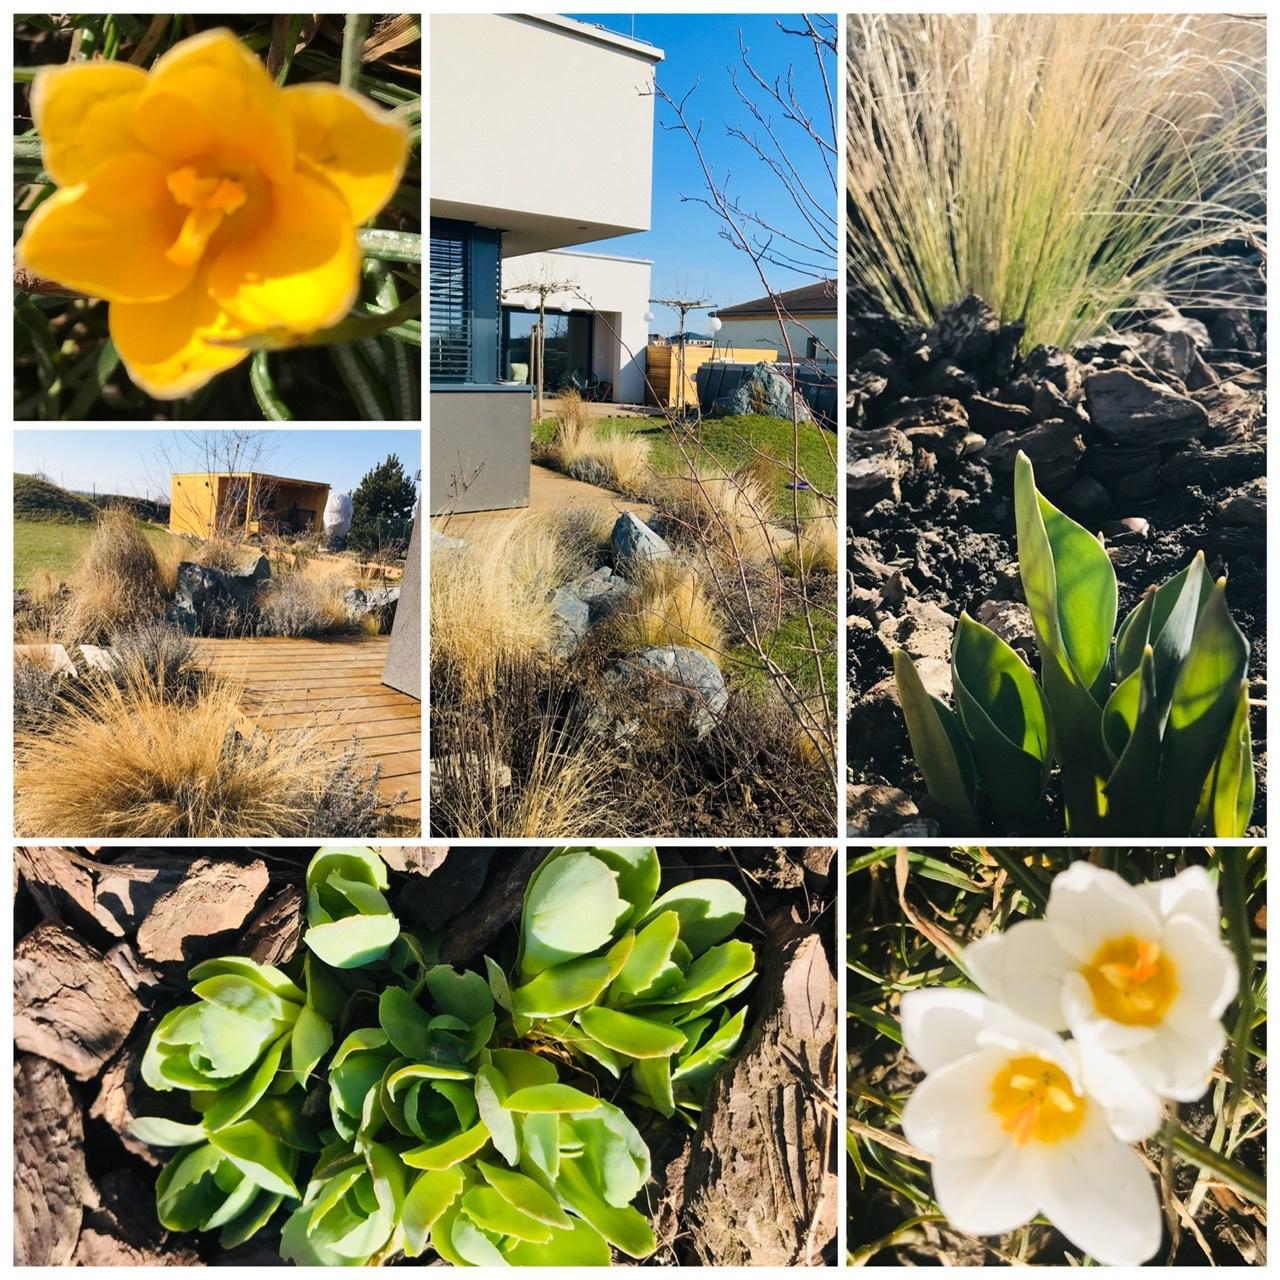 Naše L-ko - 2021 - stále dokončujeme - 🌼🌼🌼 jar sa vkrádá do záhradky, vykúkajú prvé kvietky krokusov, rašia tulipány, hyacinty, narcisy, rozchodníky 🌼🌼🌼